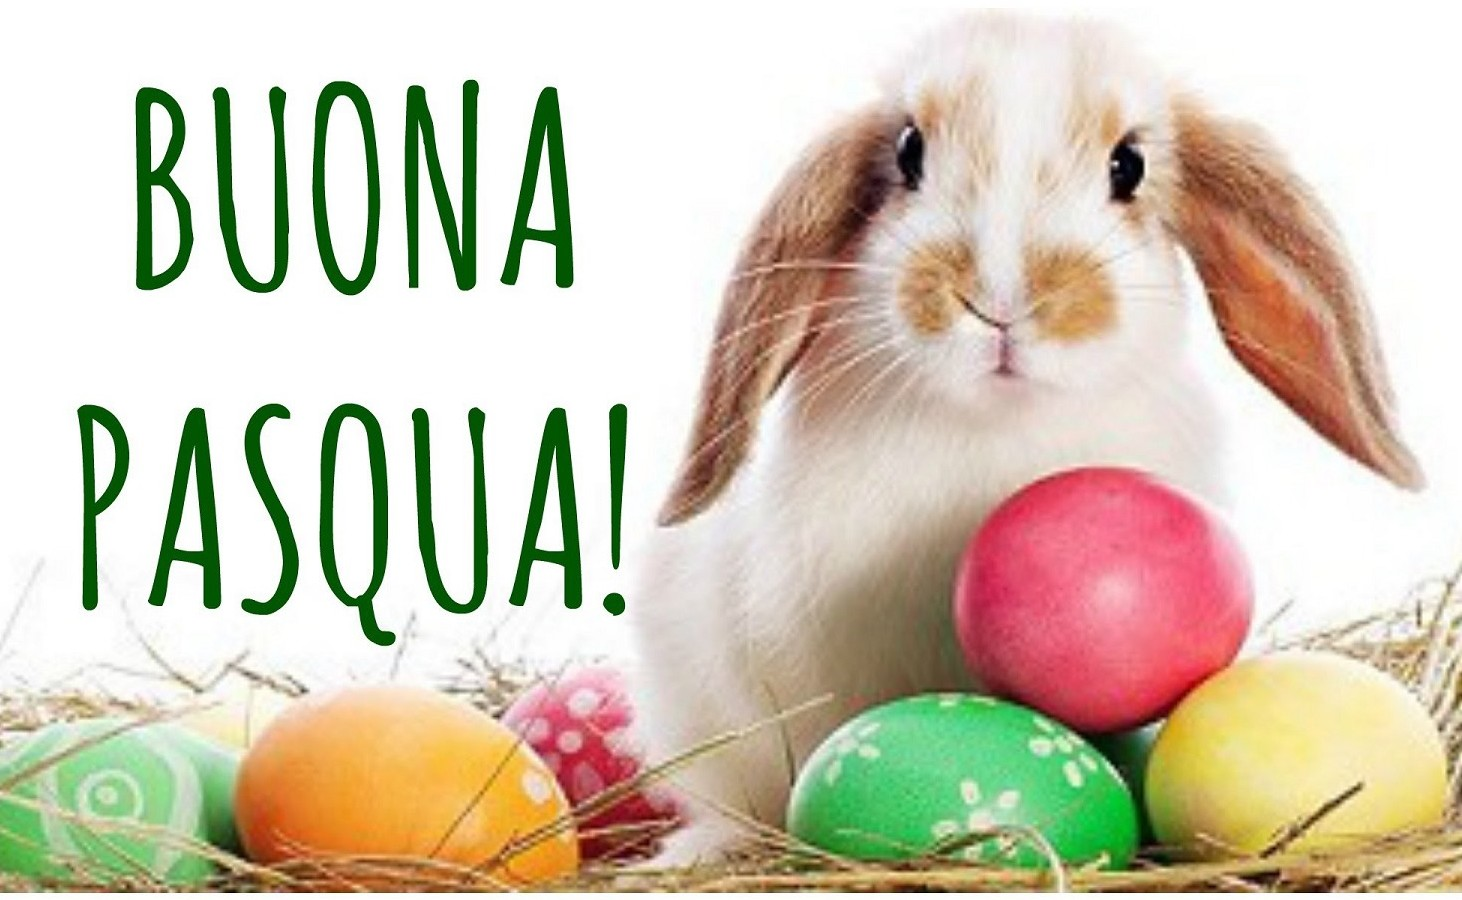 Frasi Auguri Pasqua originali